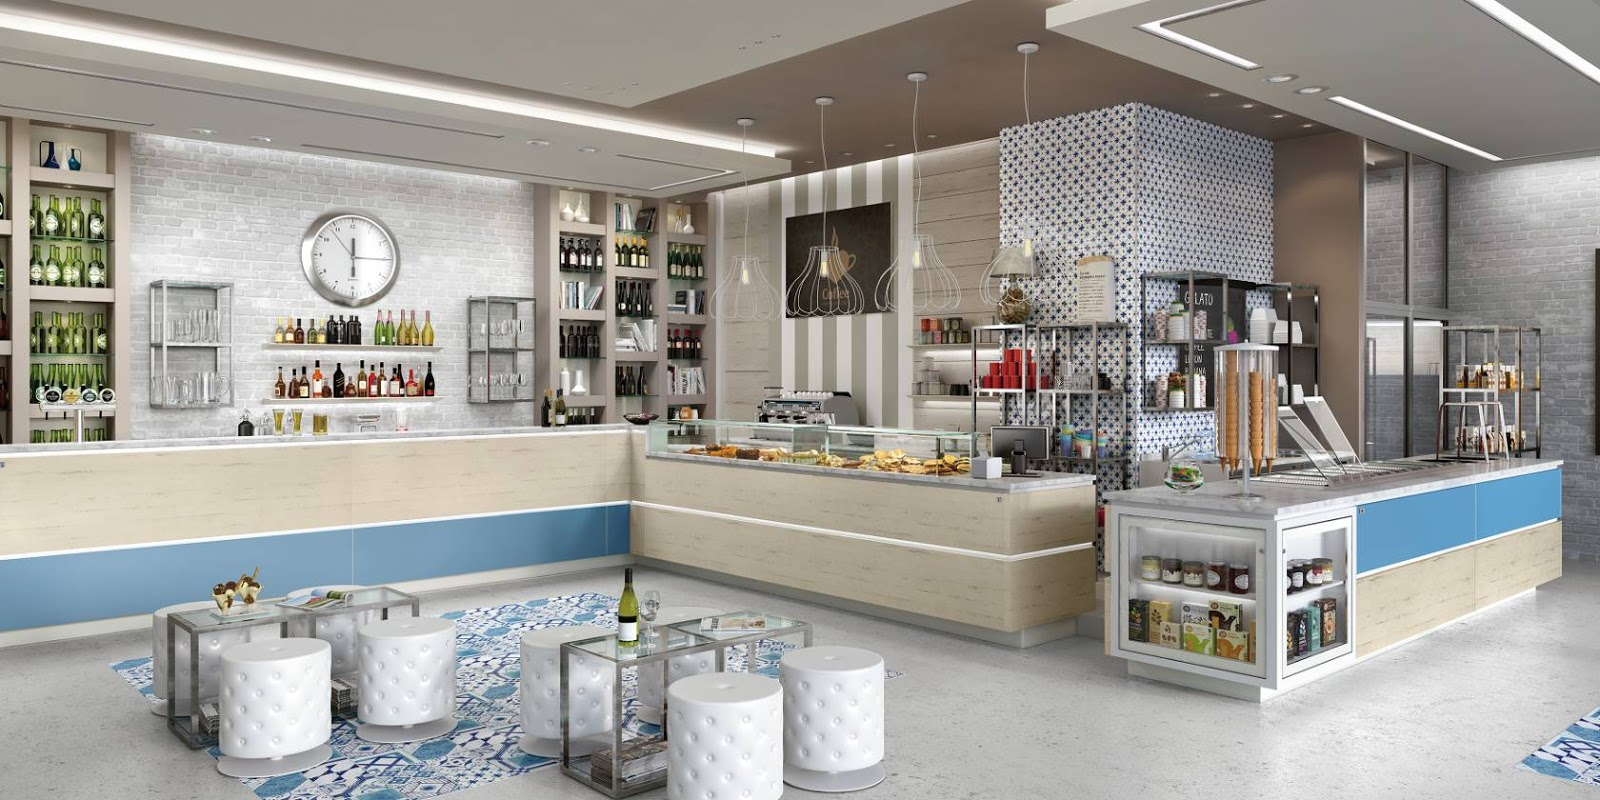 Degart arredamento progettazione bar ristoranti pub a for Ifi arredi bar